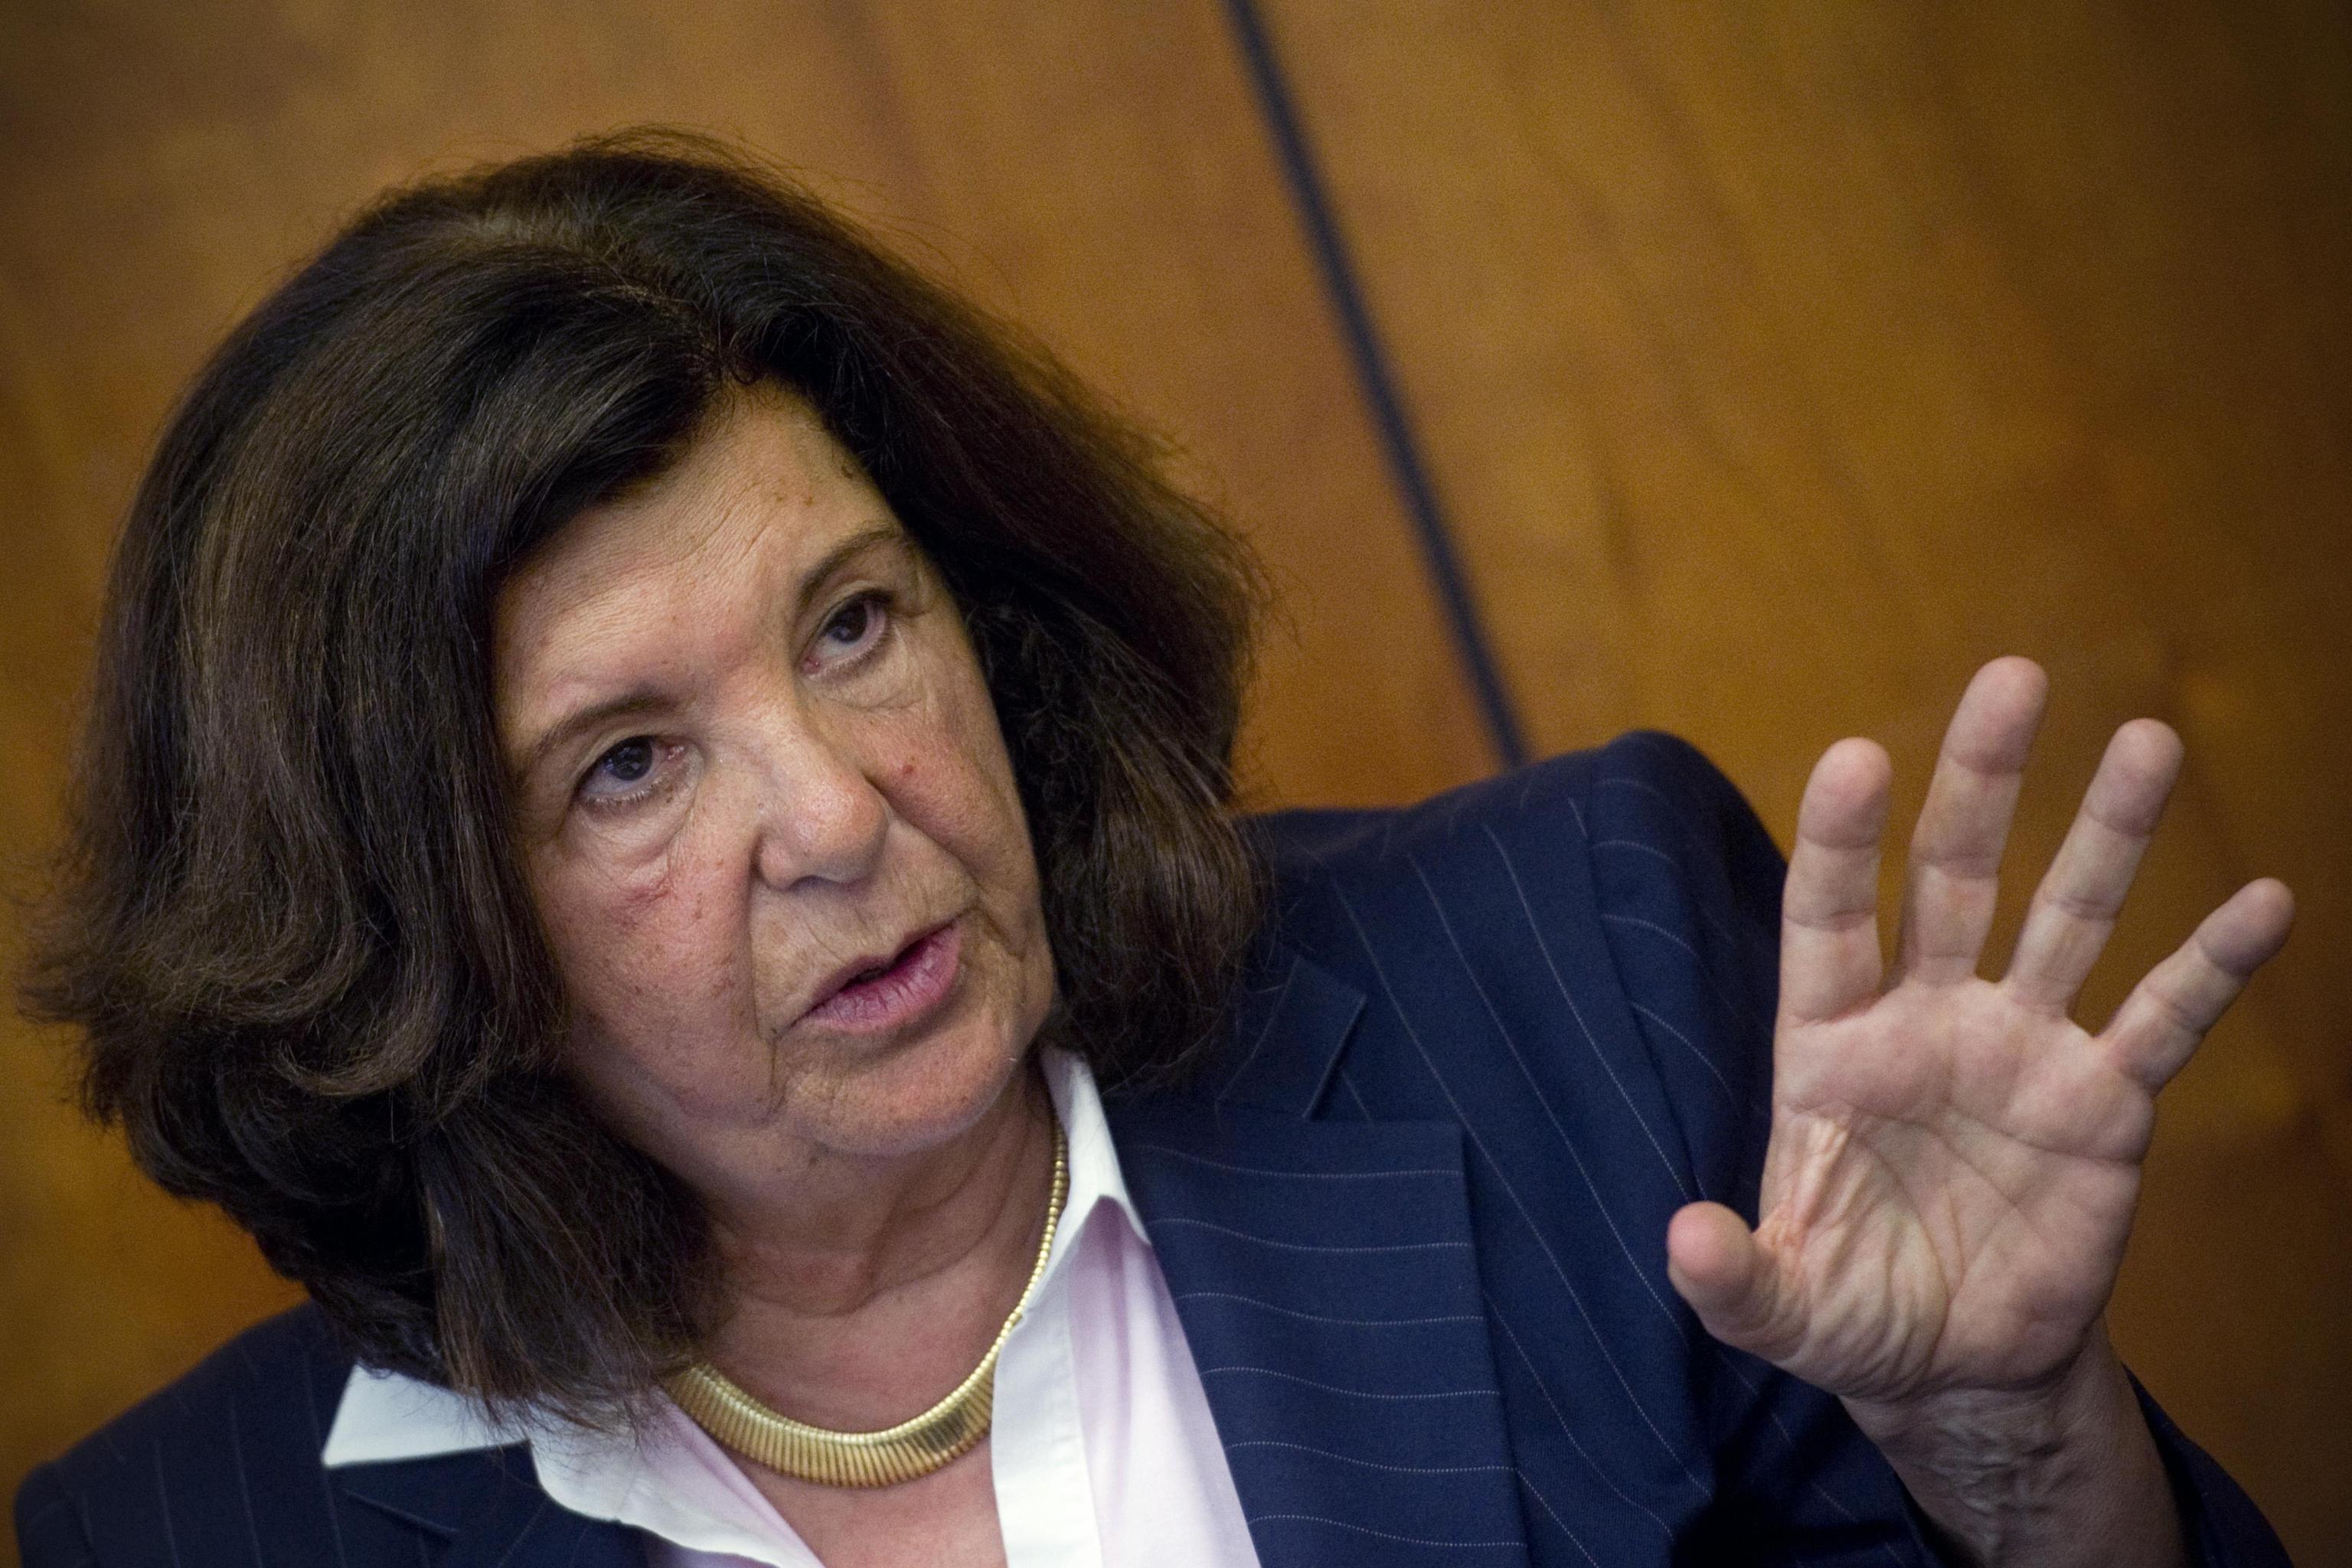 Legge Anticorruzione, Severino accelera: Stop ai condannati in Parlamento, facciamo in fretta